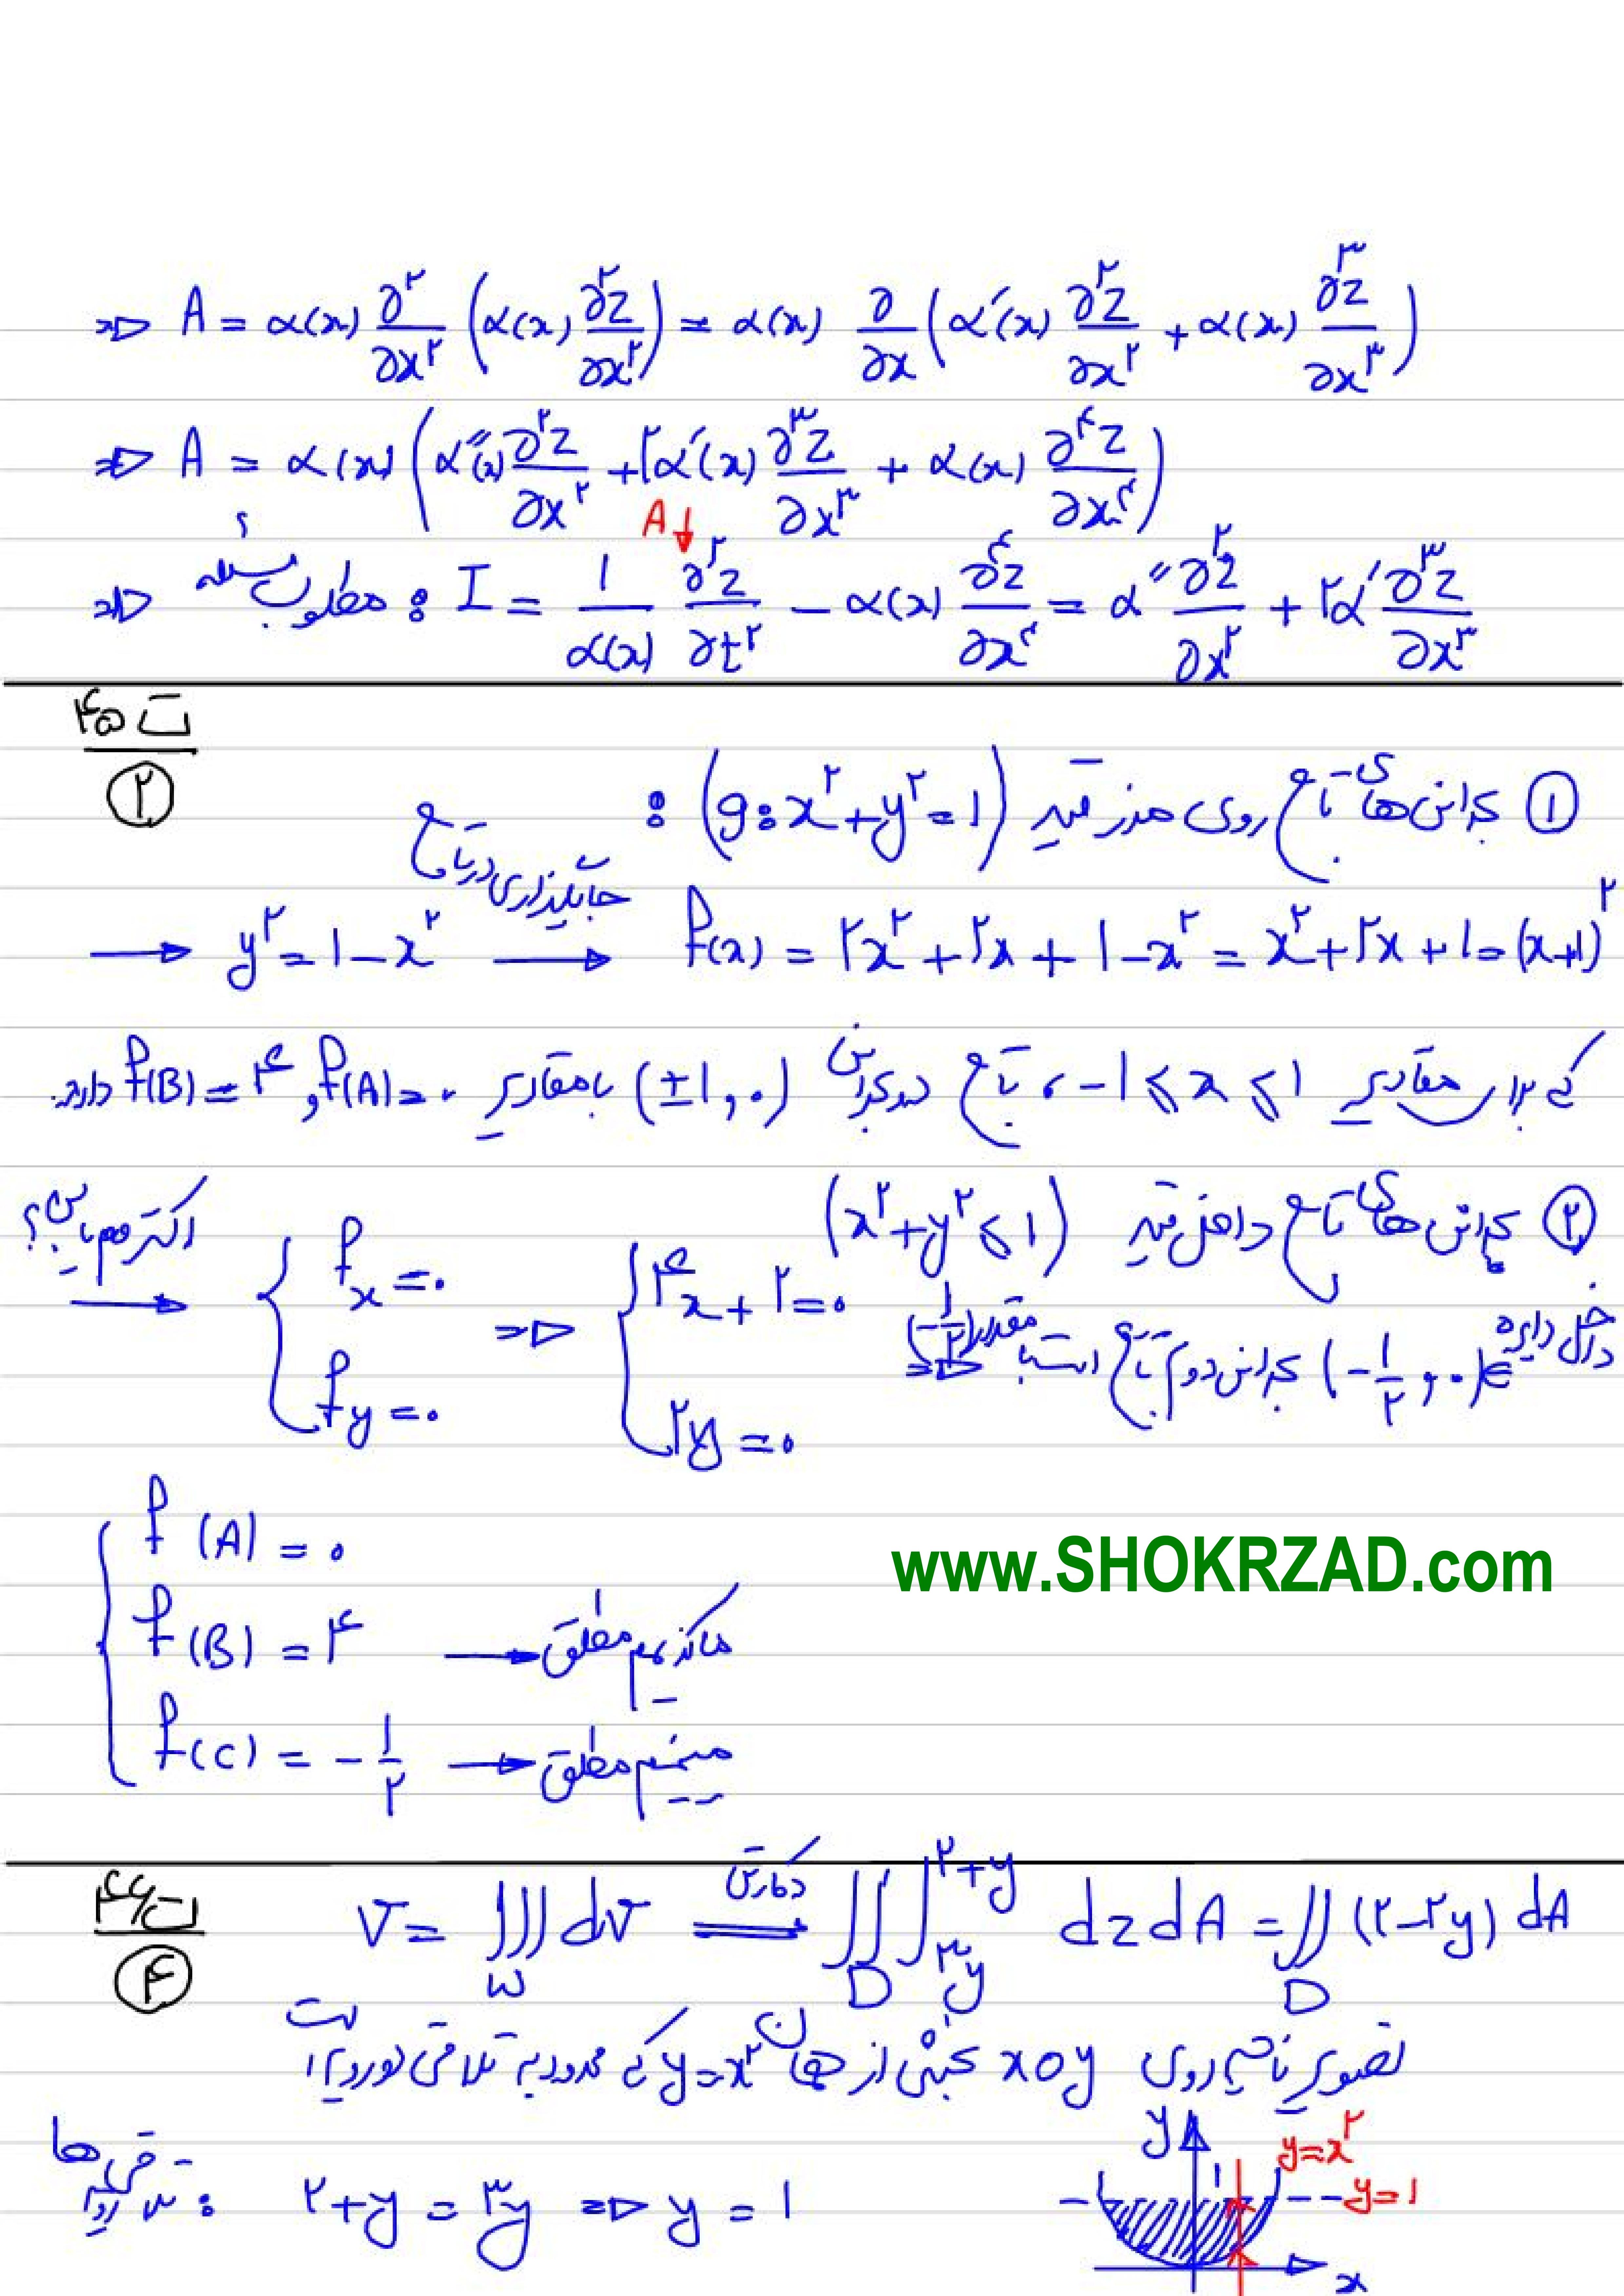 پاسخ تشریحی سوالات ریاضی ارشد ژئوفیزیک و هواشناسی 971